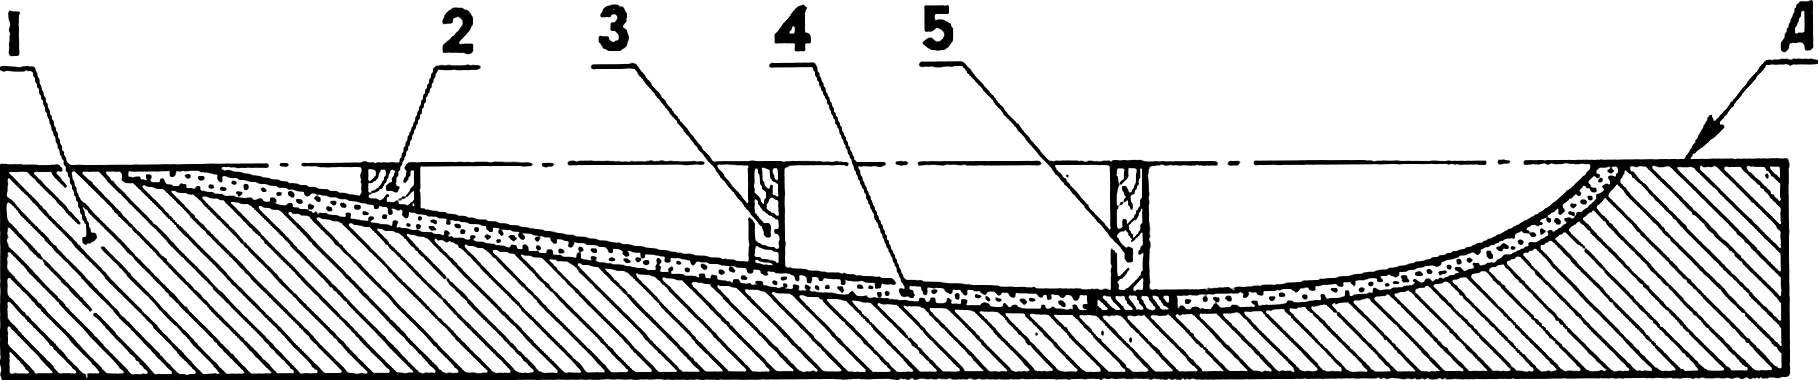 Формовка половин панельной обшивки крыла.